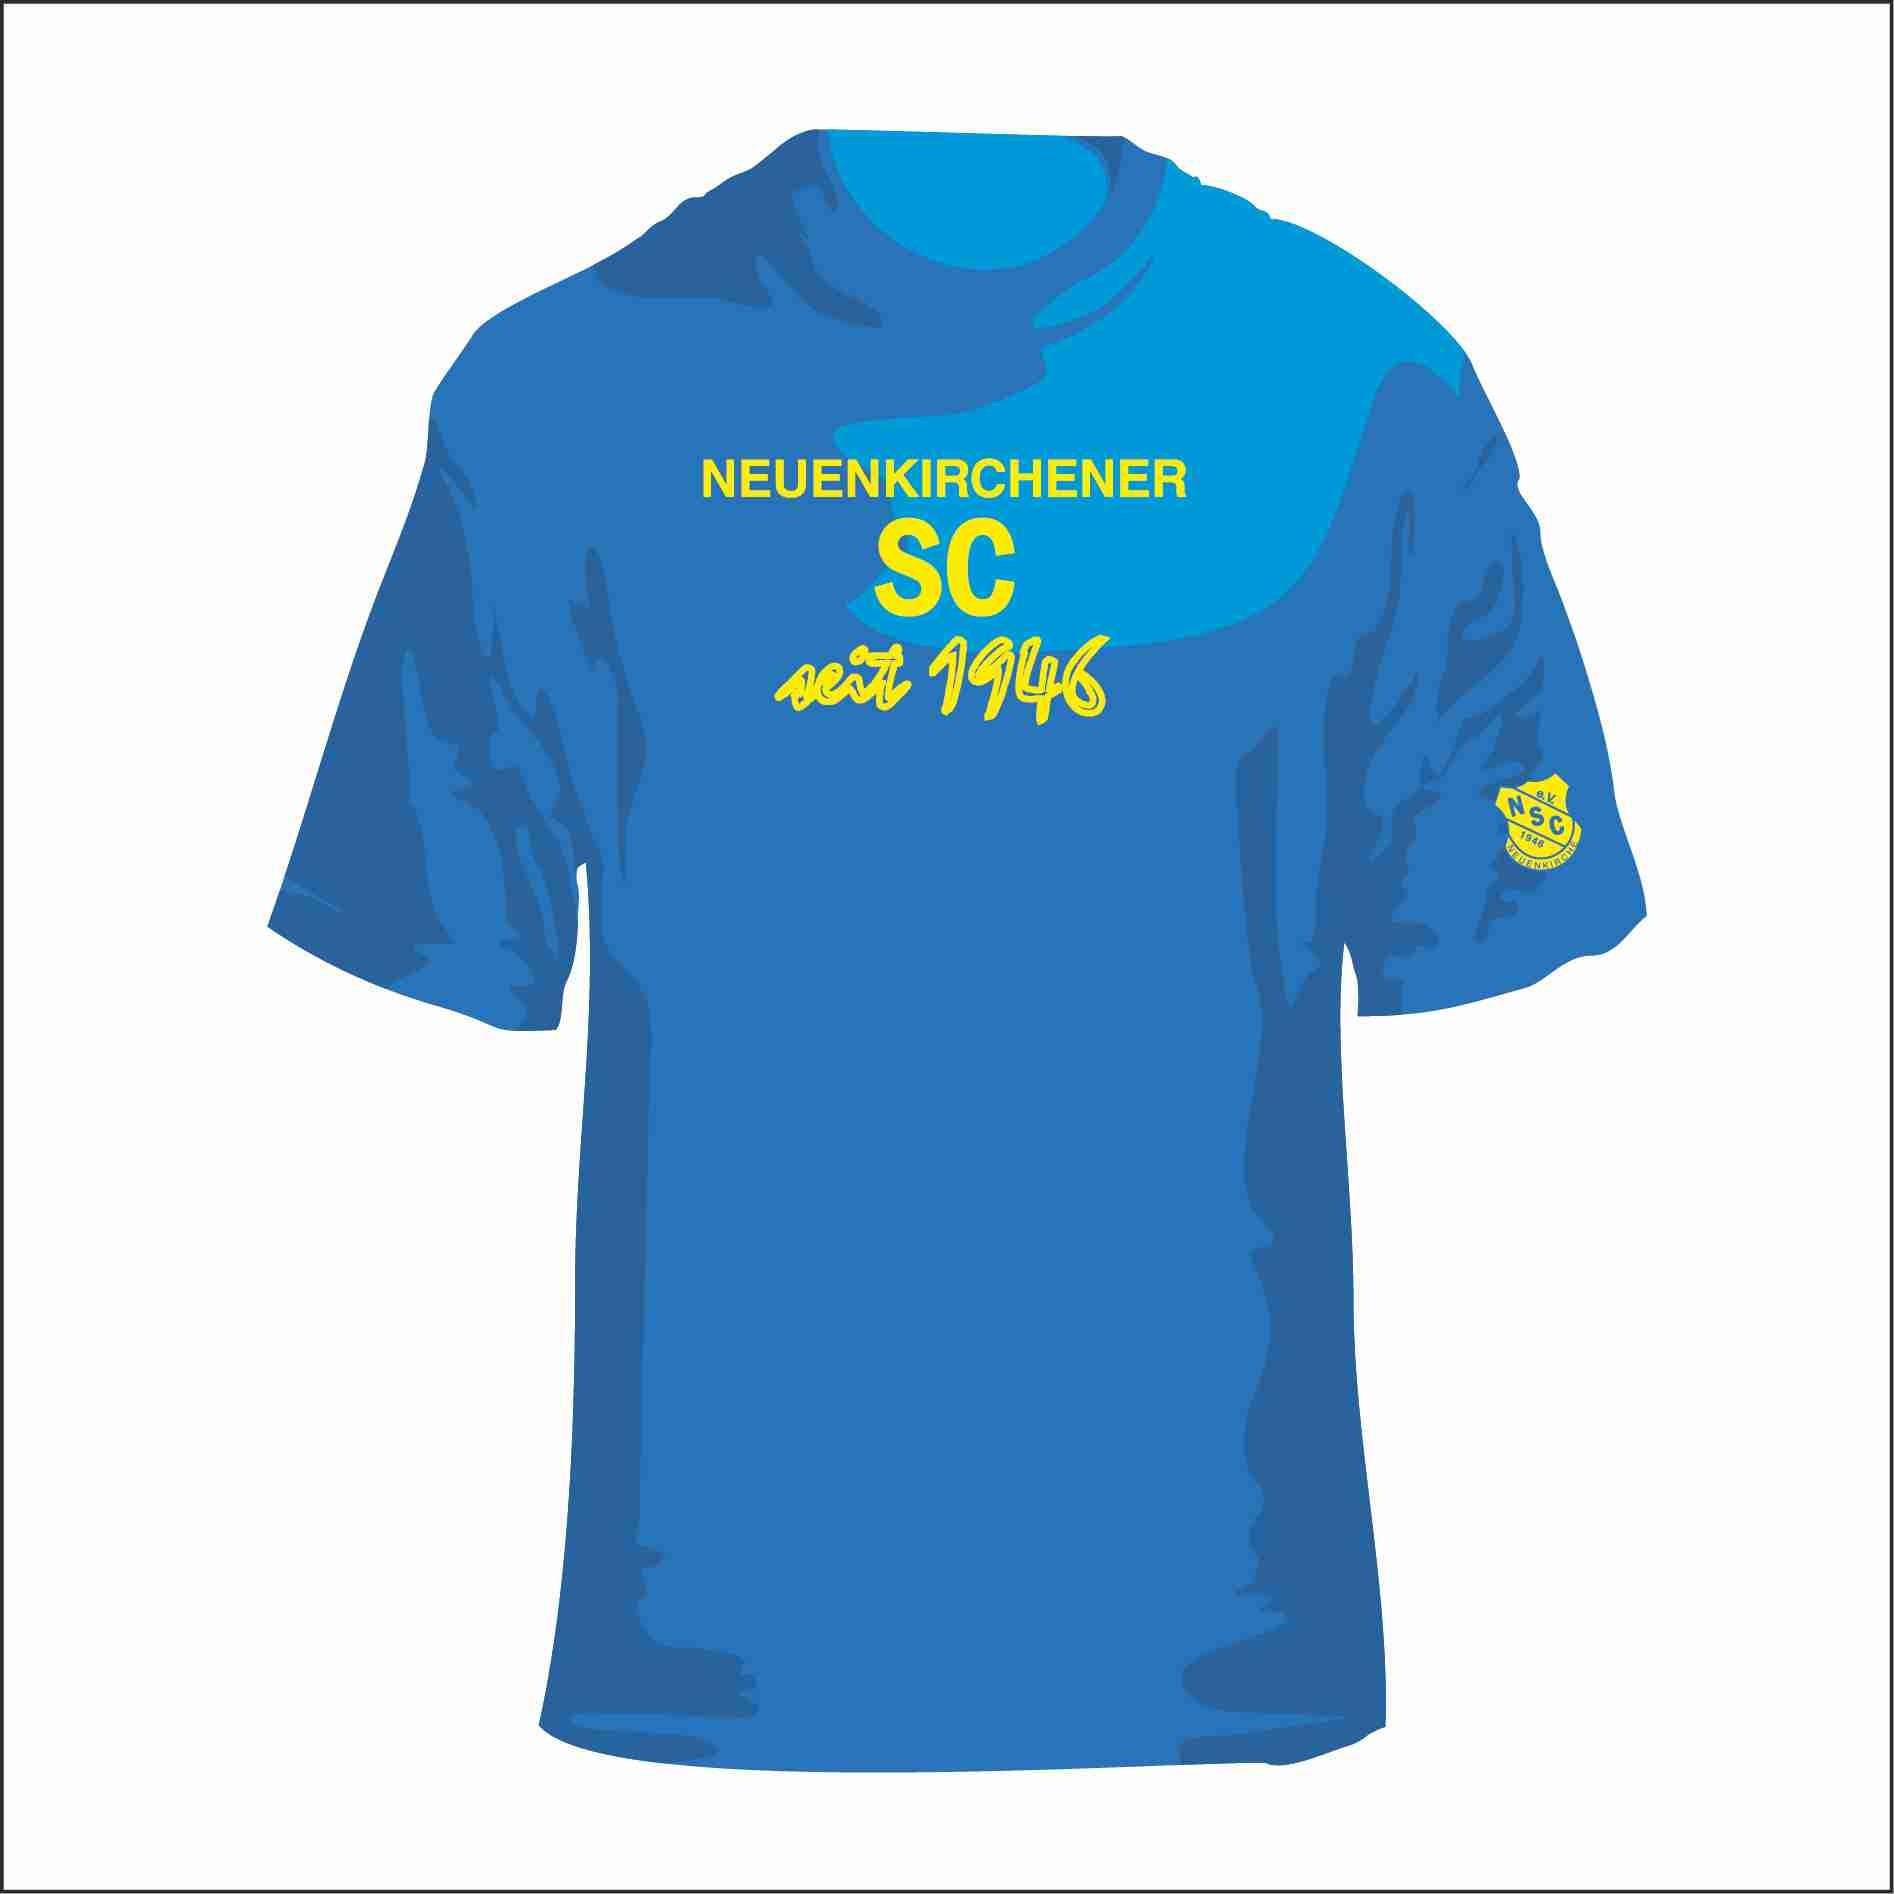 T-Shirt Neuenkirchener SC Nr.1